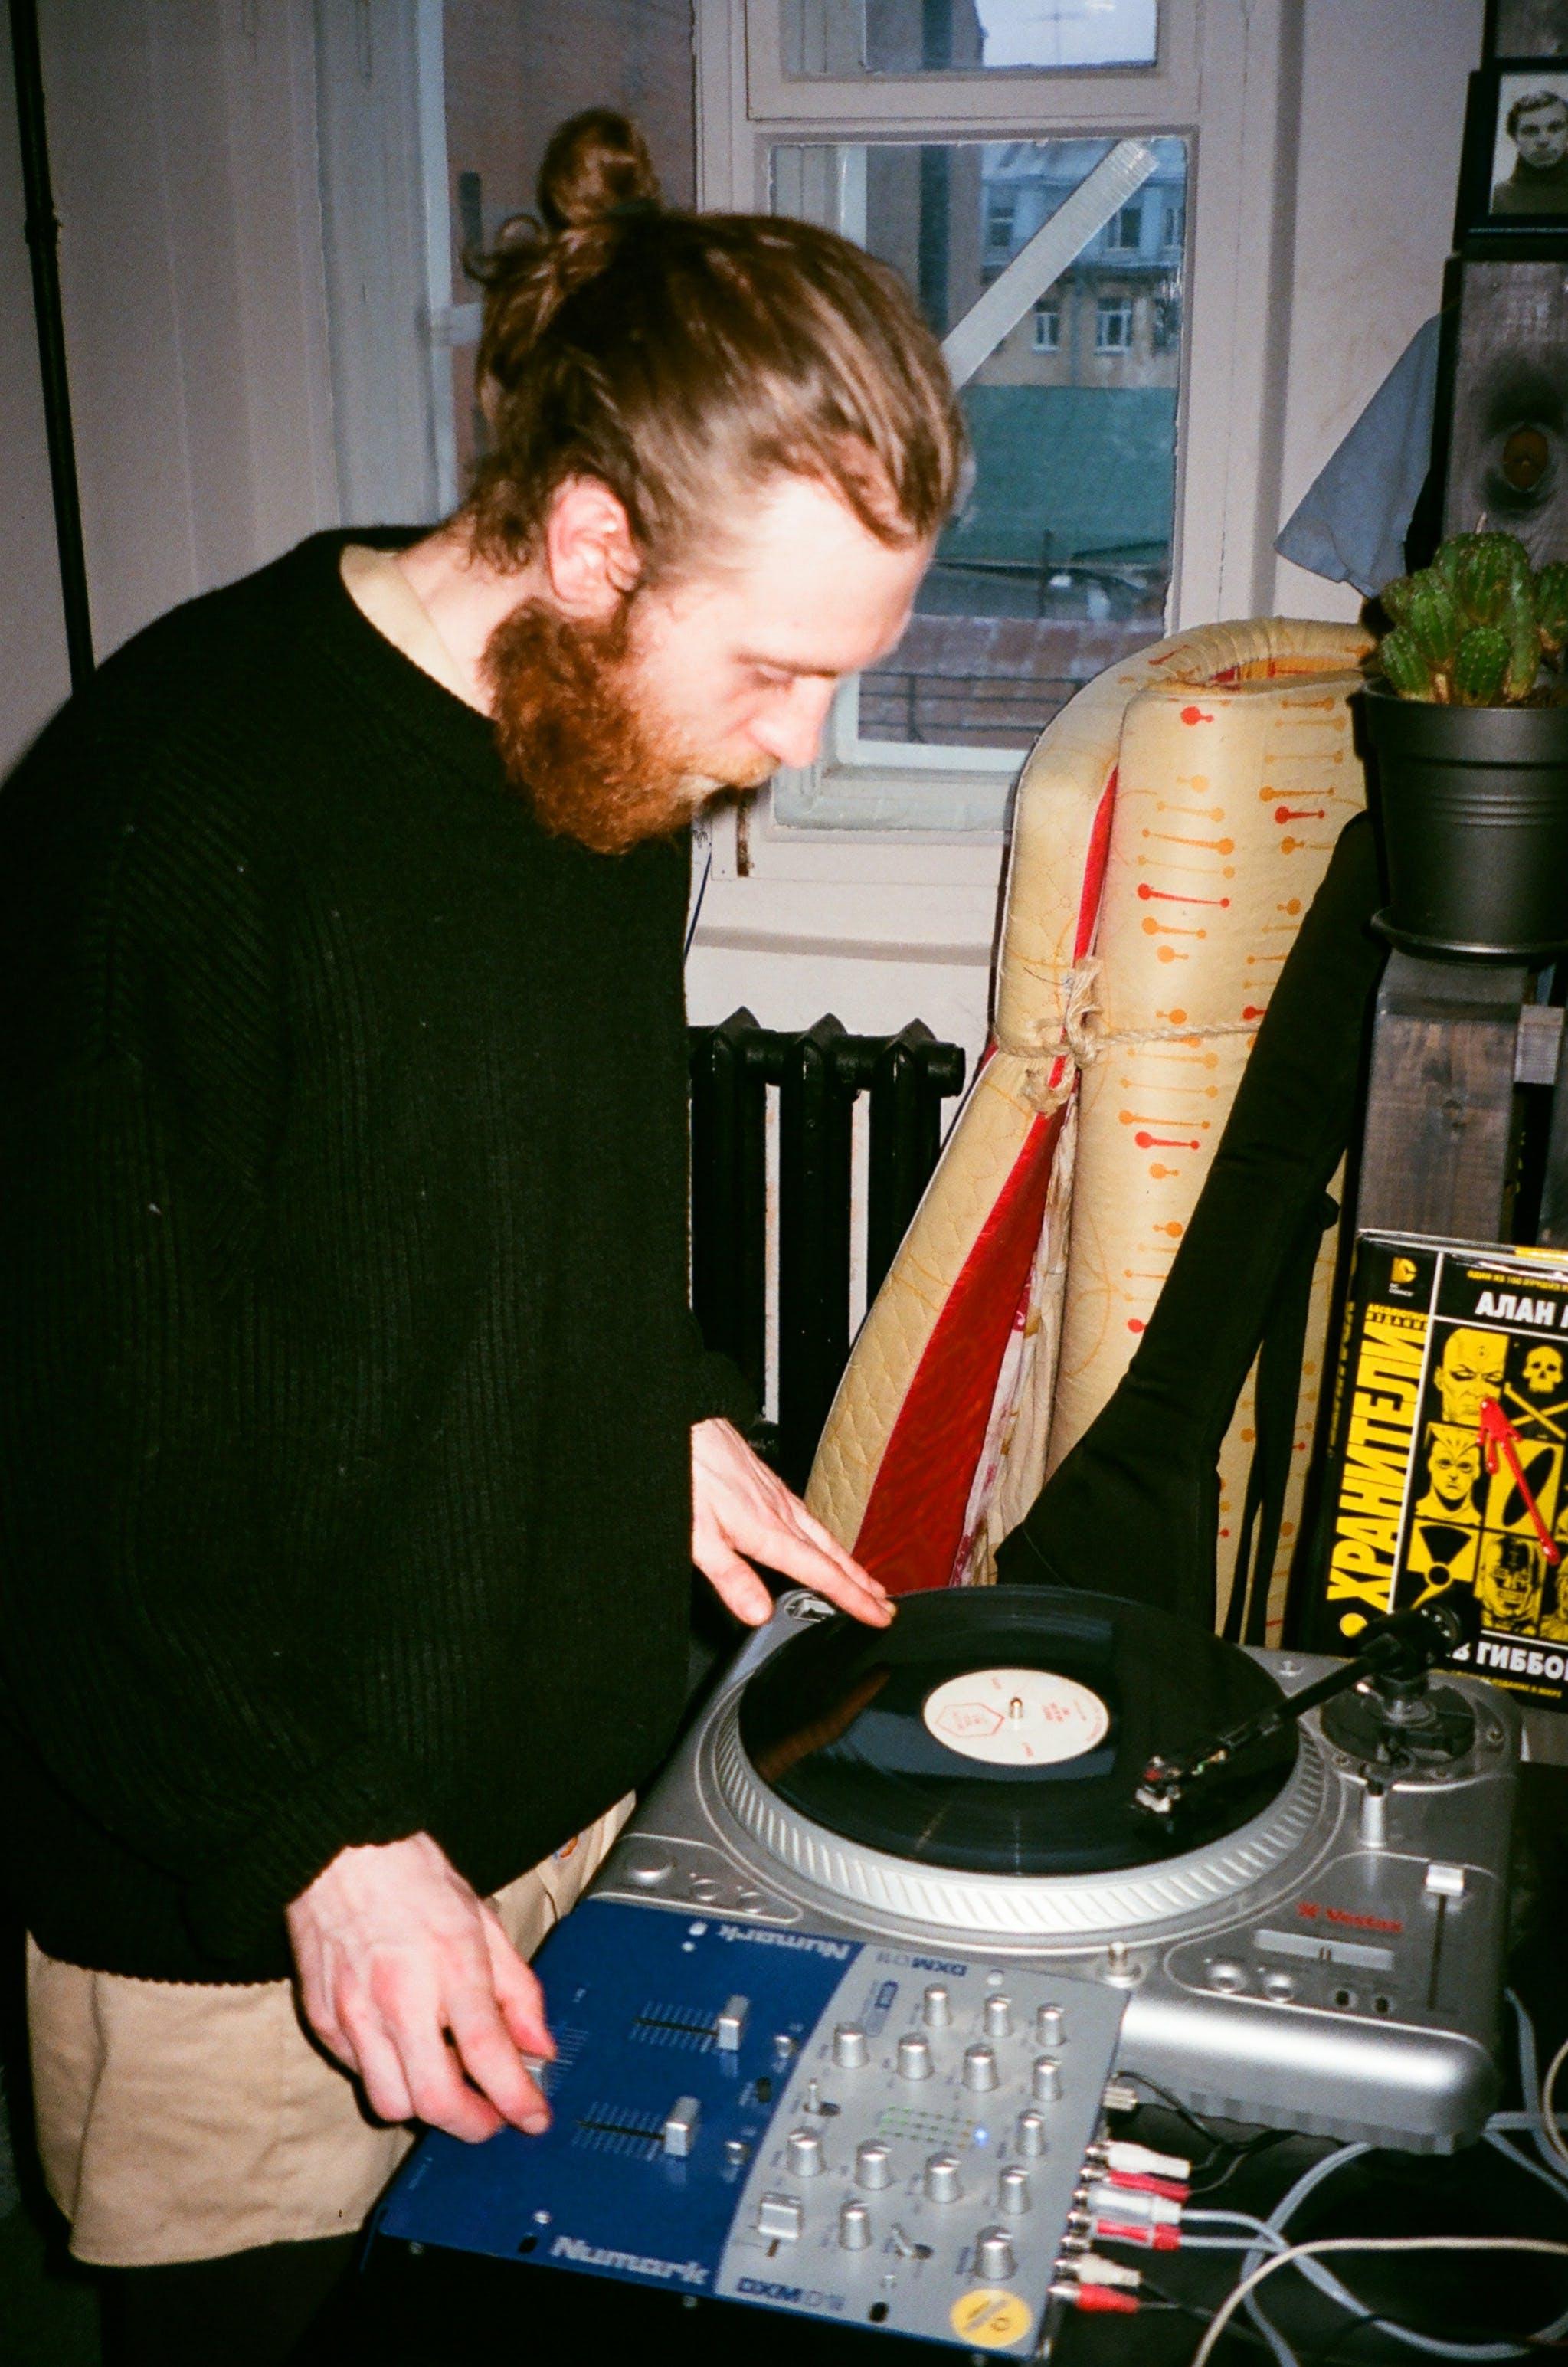 Man in Green Sweater Using Dj Controller